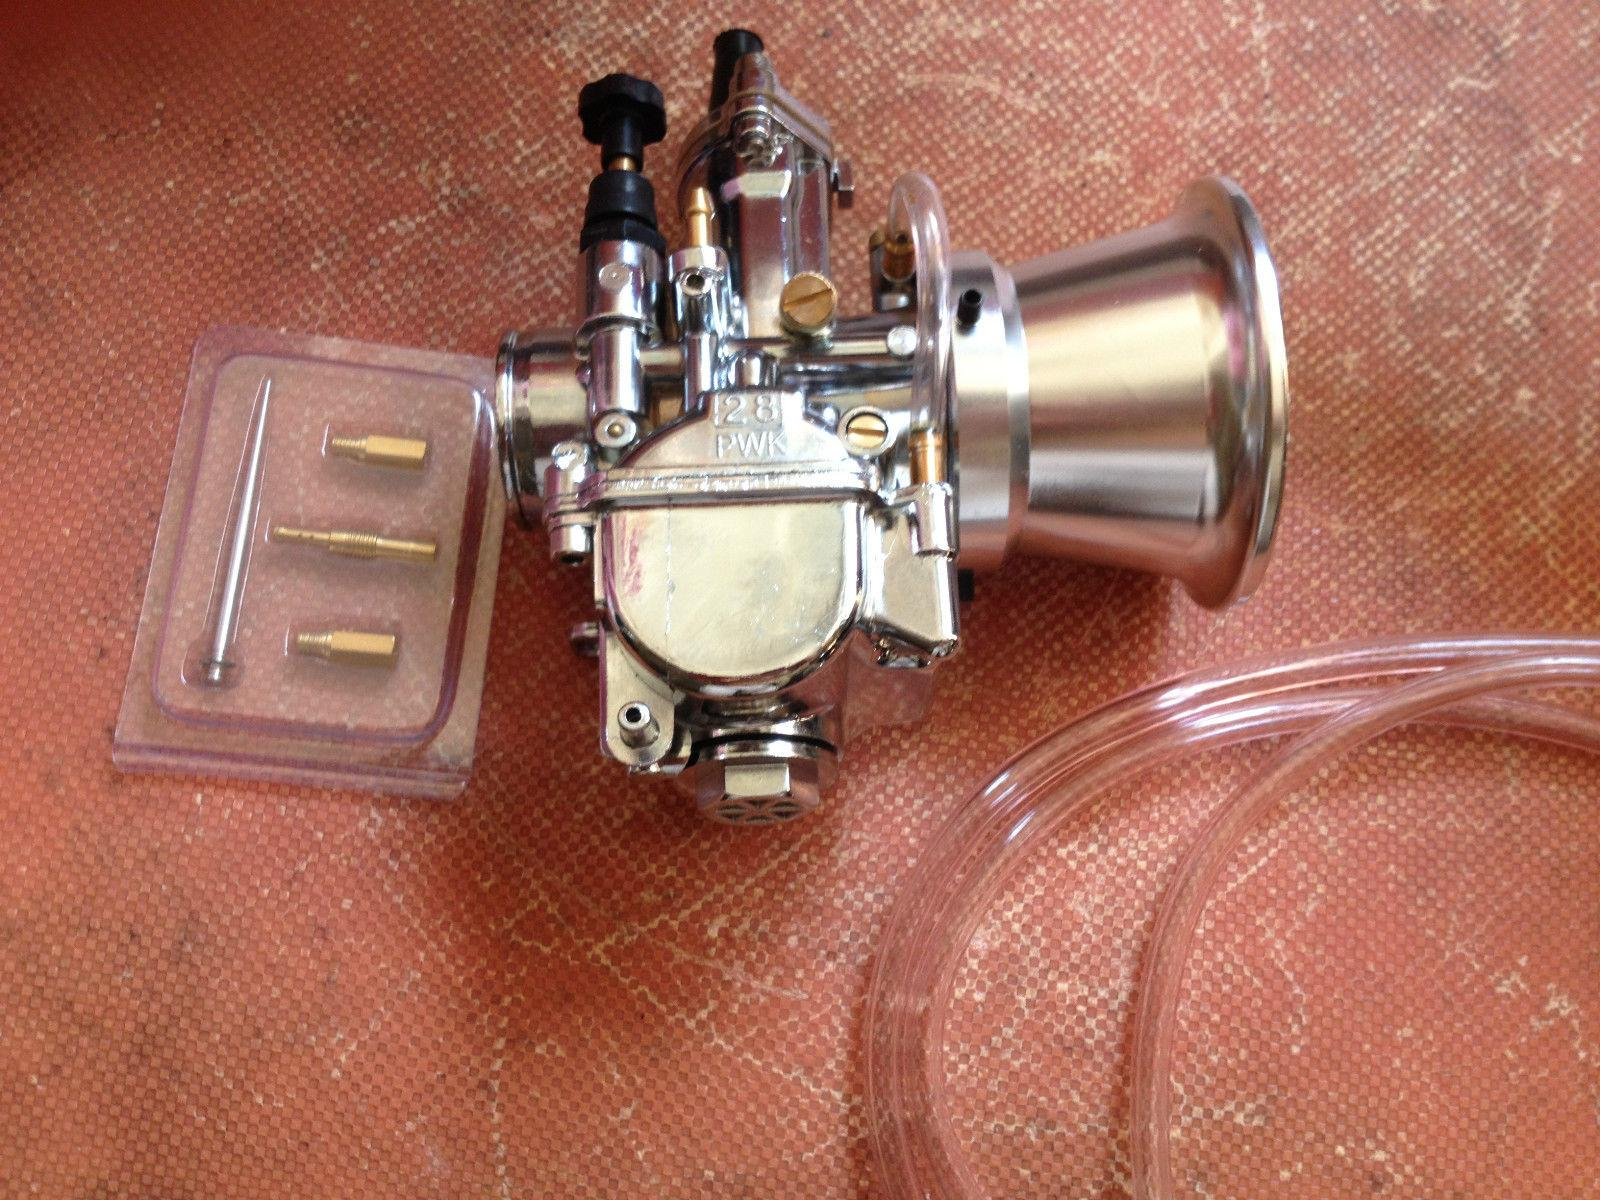 karbüratör 28mm PWK Keihin OKO karbonhidrat krom ağırlık yığın 28 mm yerine düz tarafı yarış